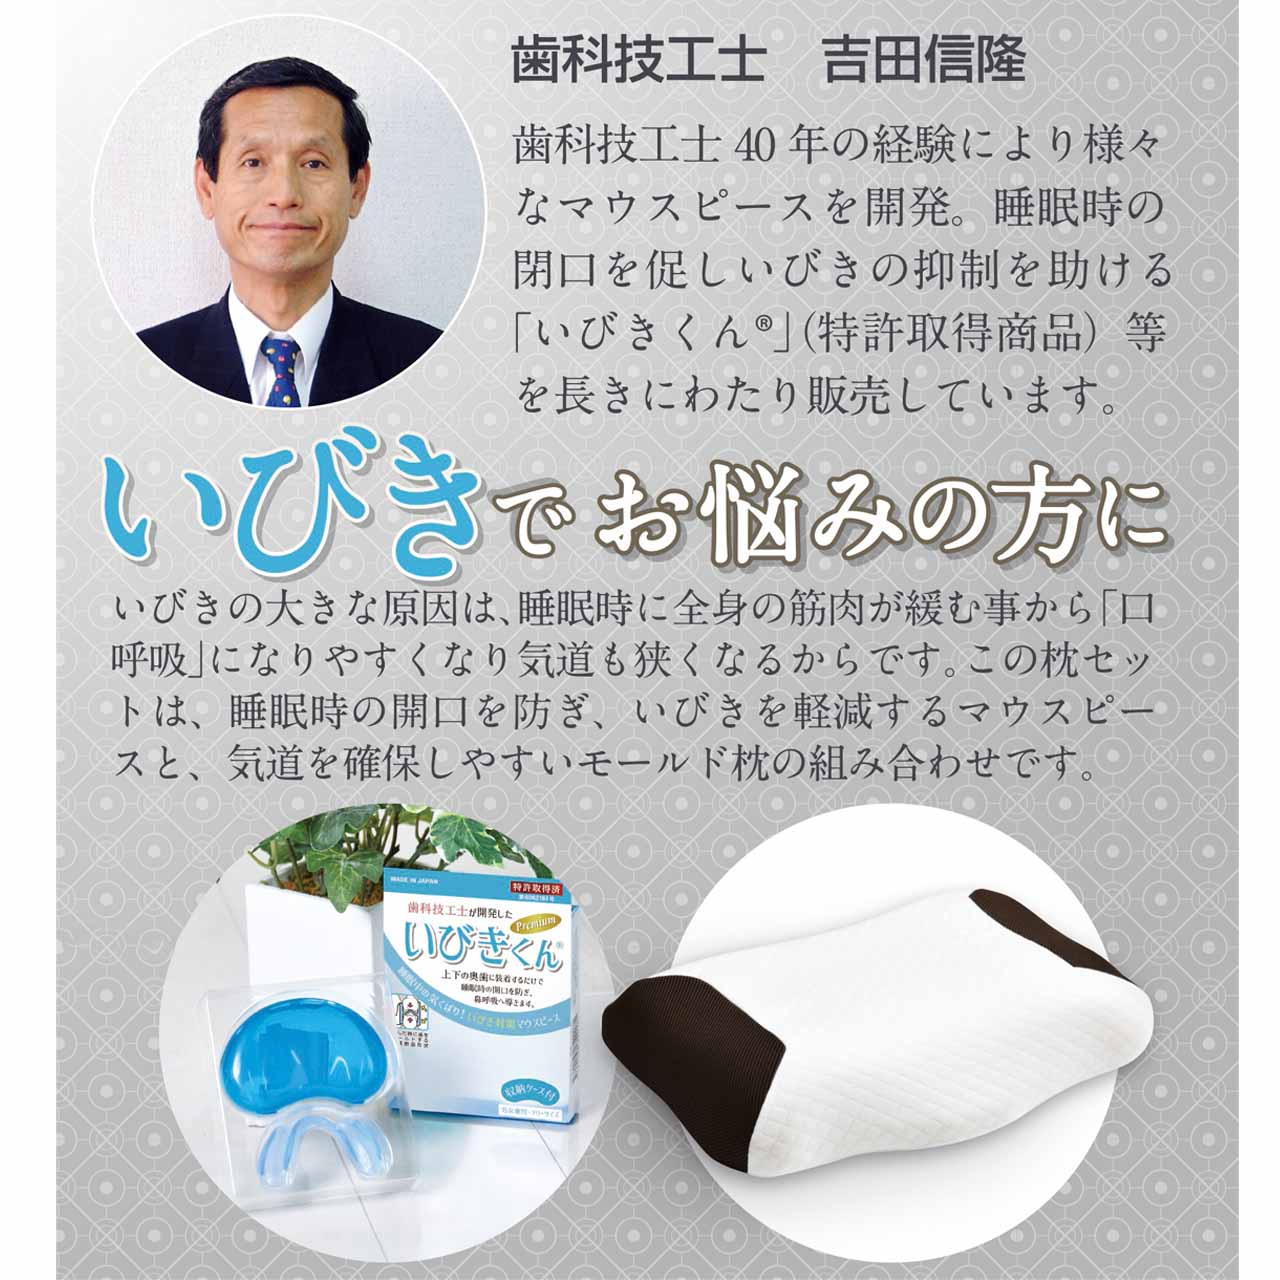 【歯科技工士監修】<br>睡眠気くばりまくら〜いびき〜